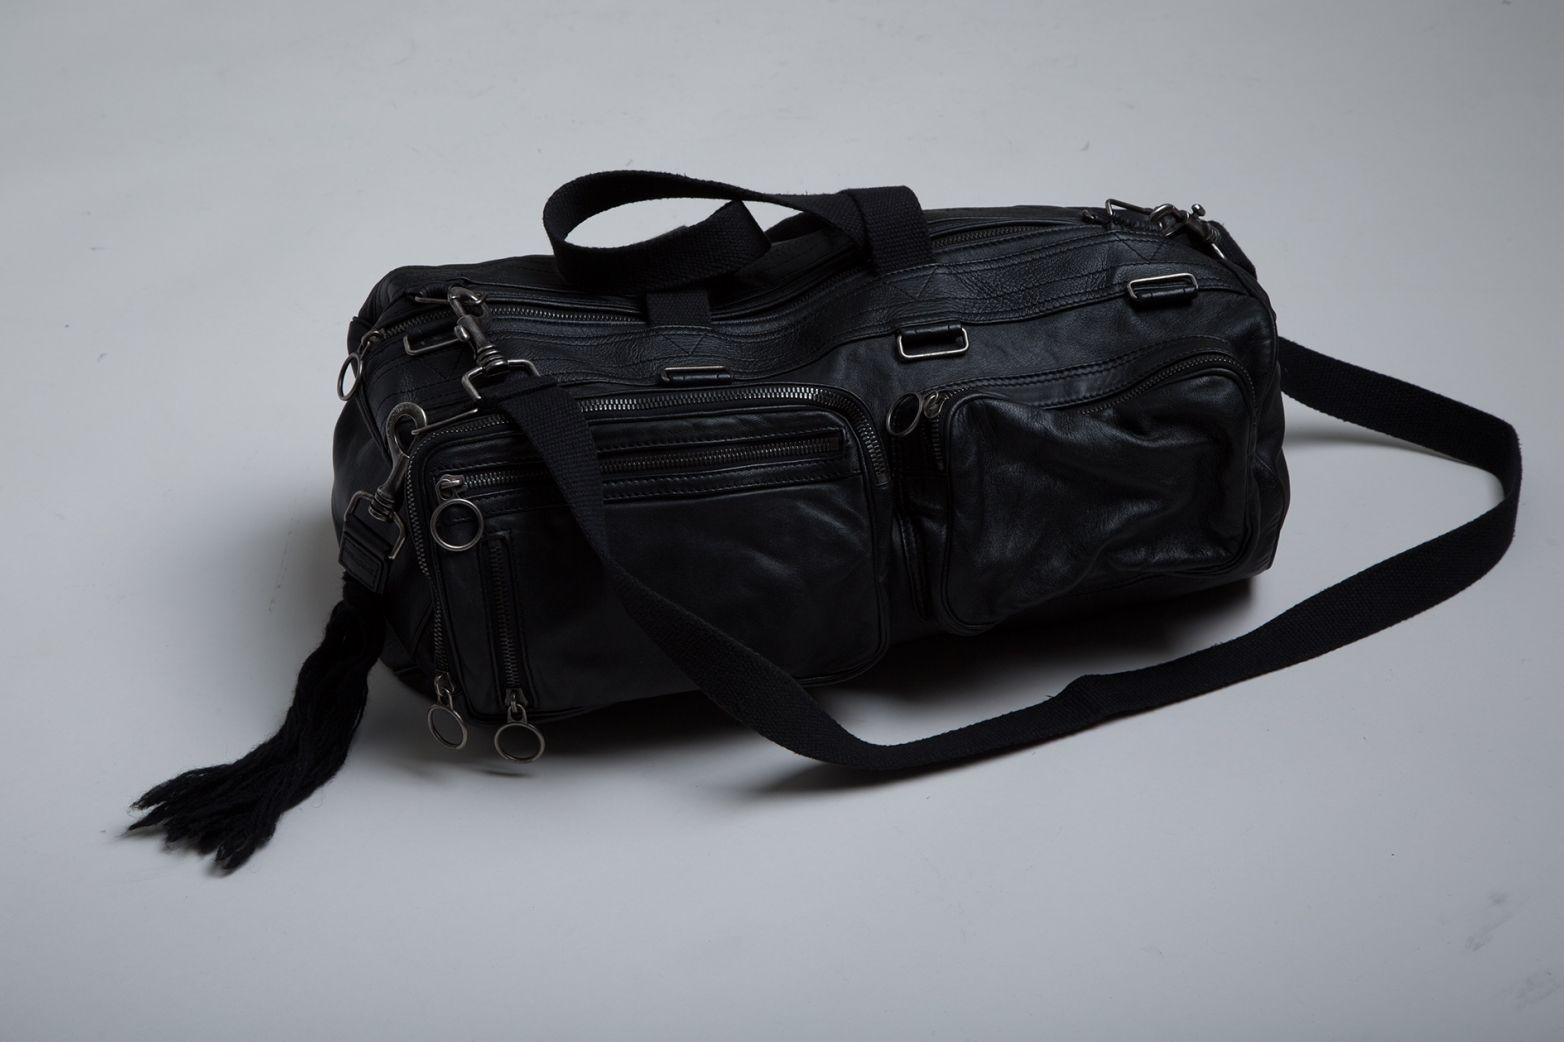 Vintage Dior Homme Deville Bag. Hedi Slimane. Designer Clothing Dark Minimal Street Style Fashion